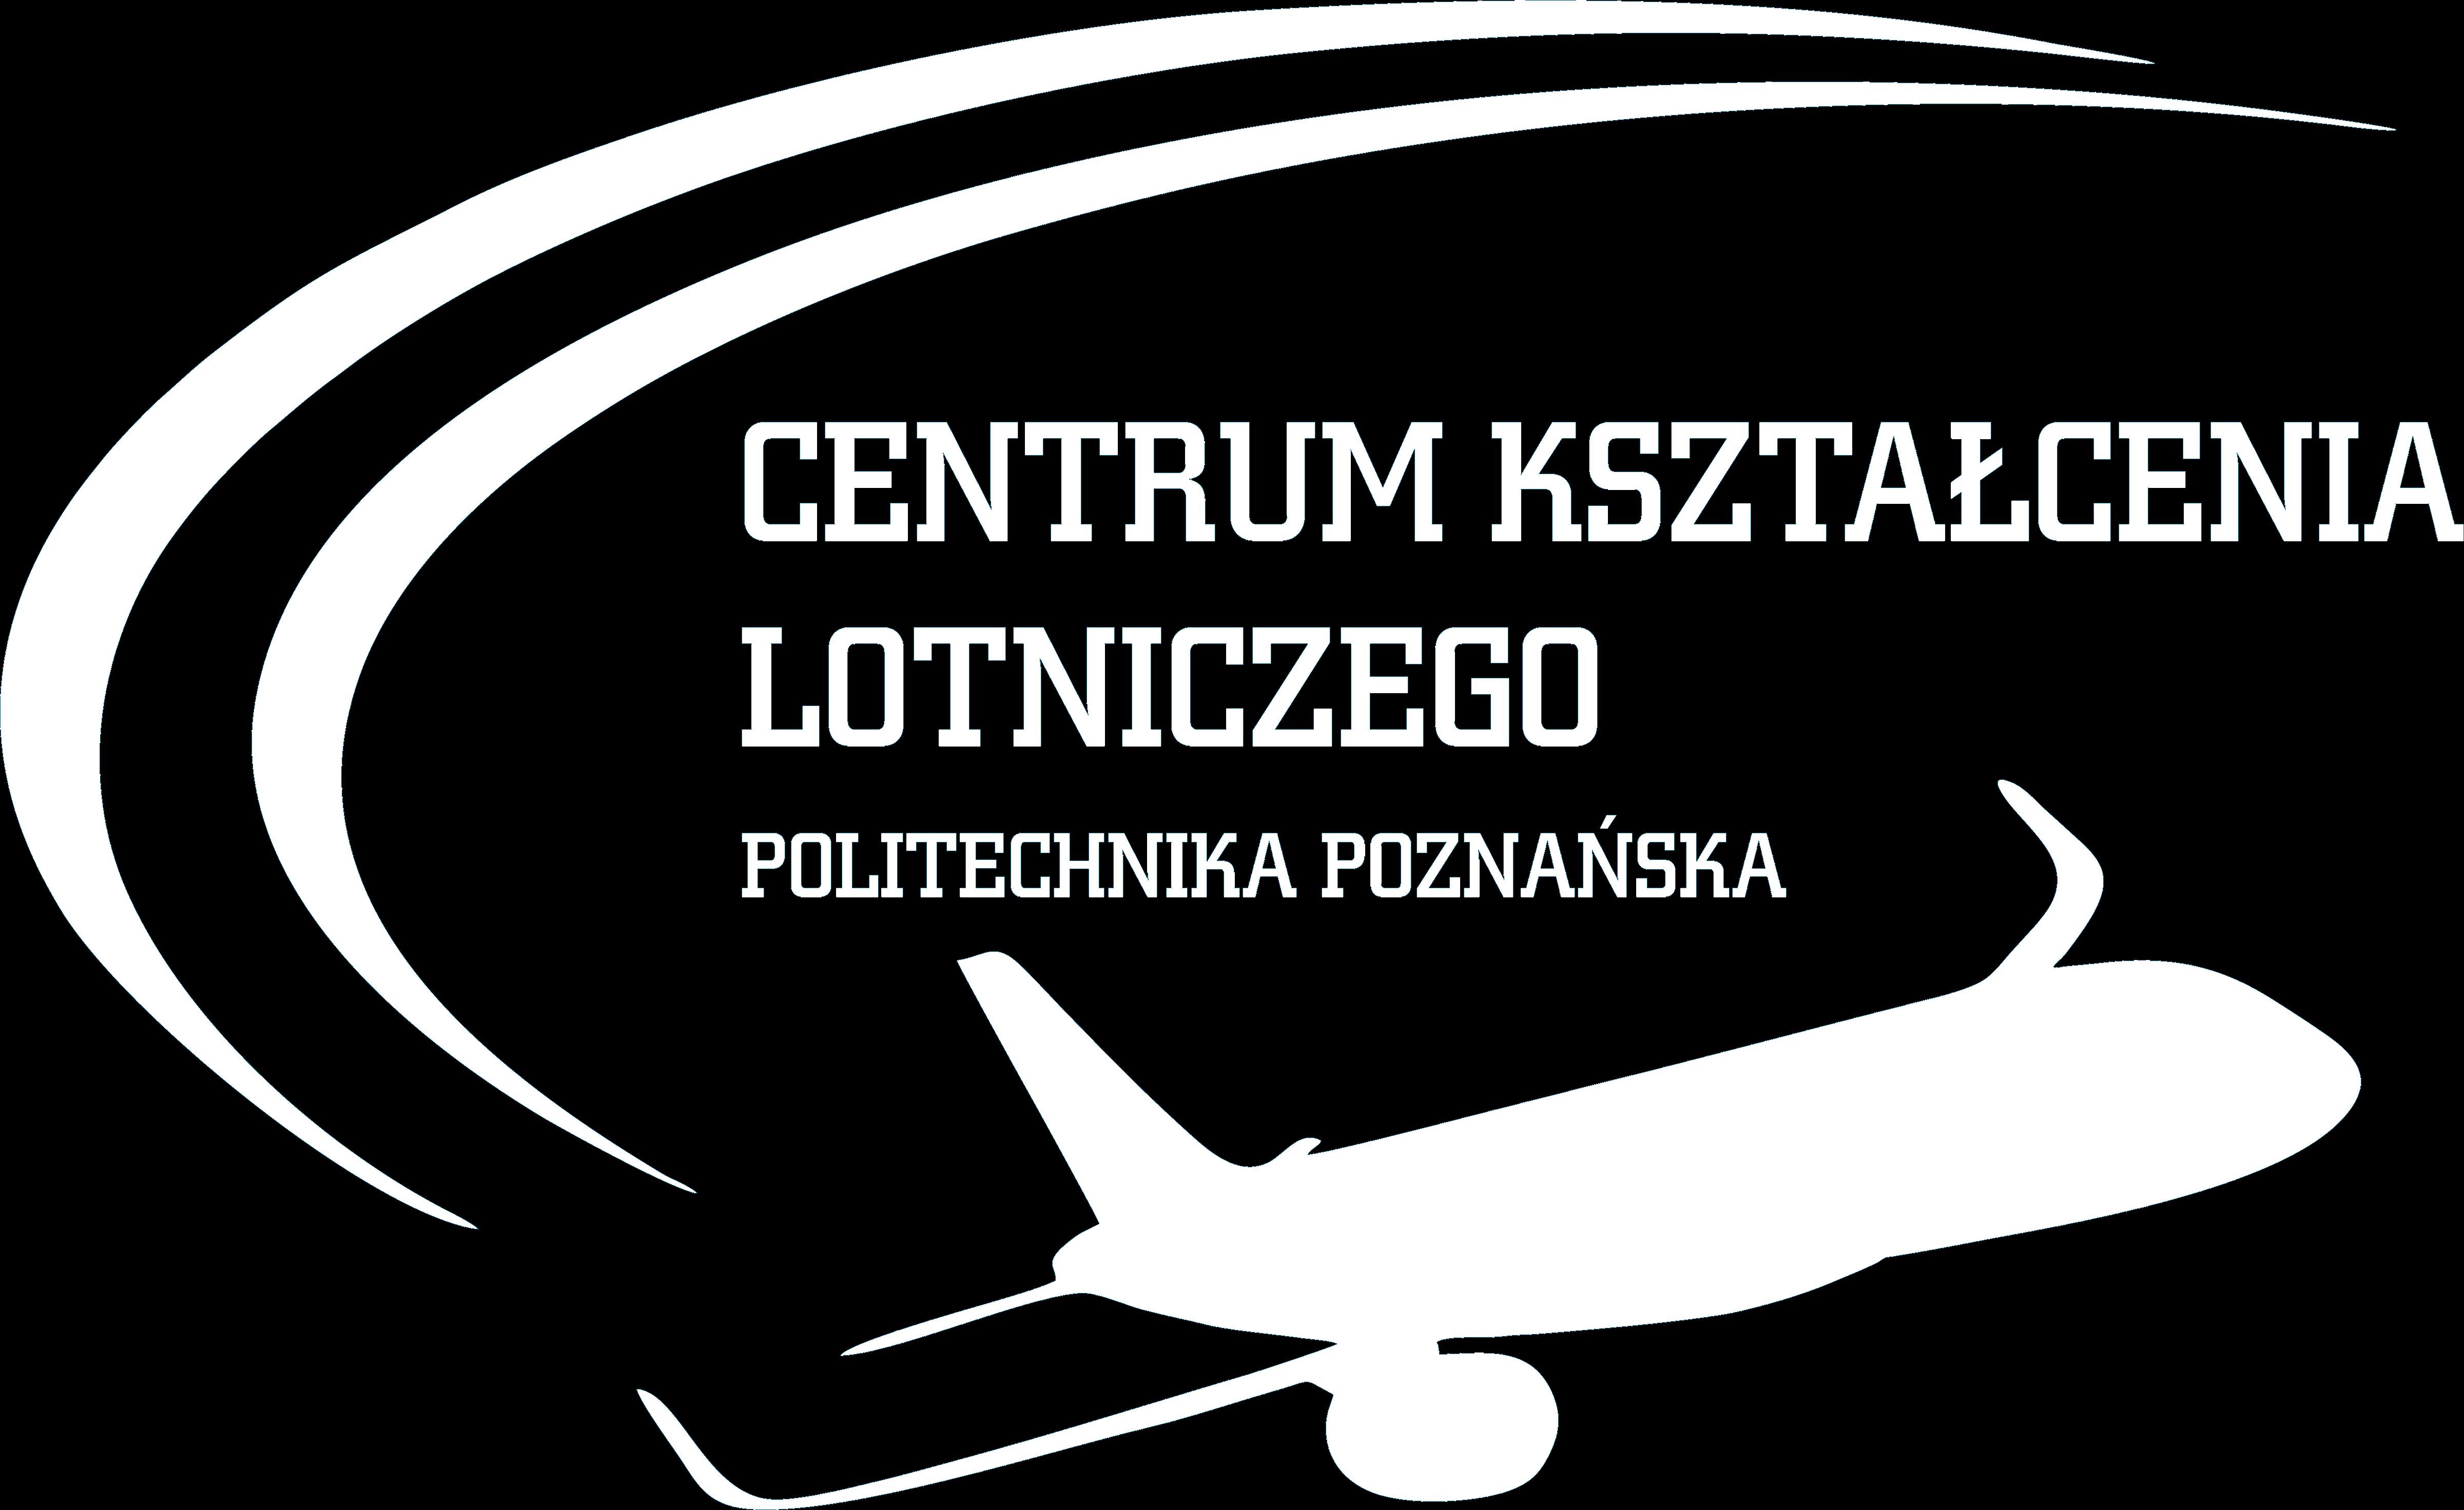 Centrum Kształcenia Lotniczego Politechniki Poznańskiej